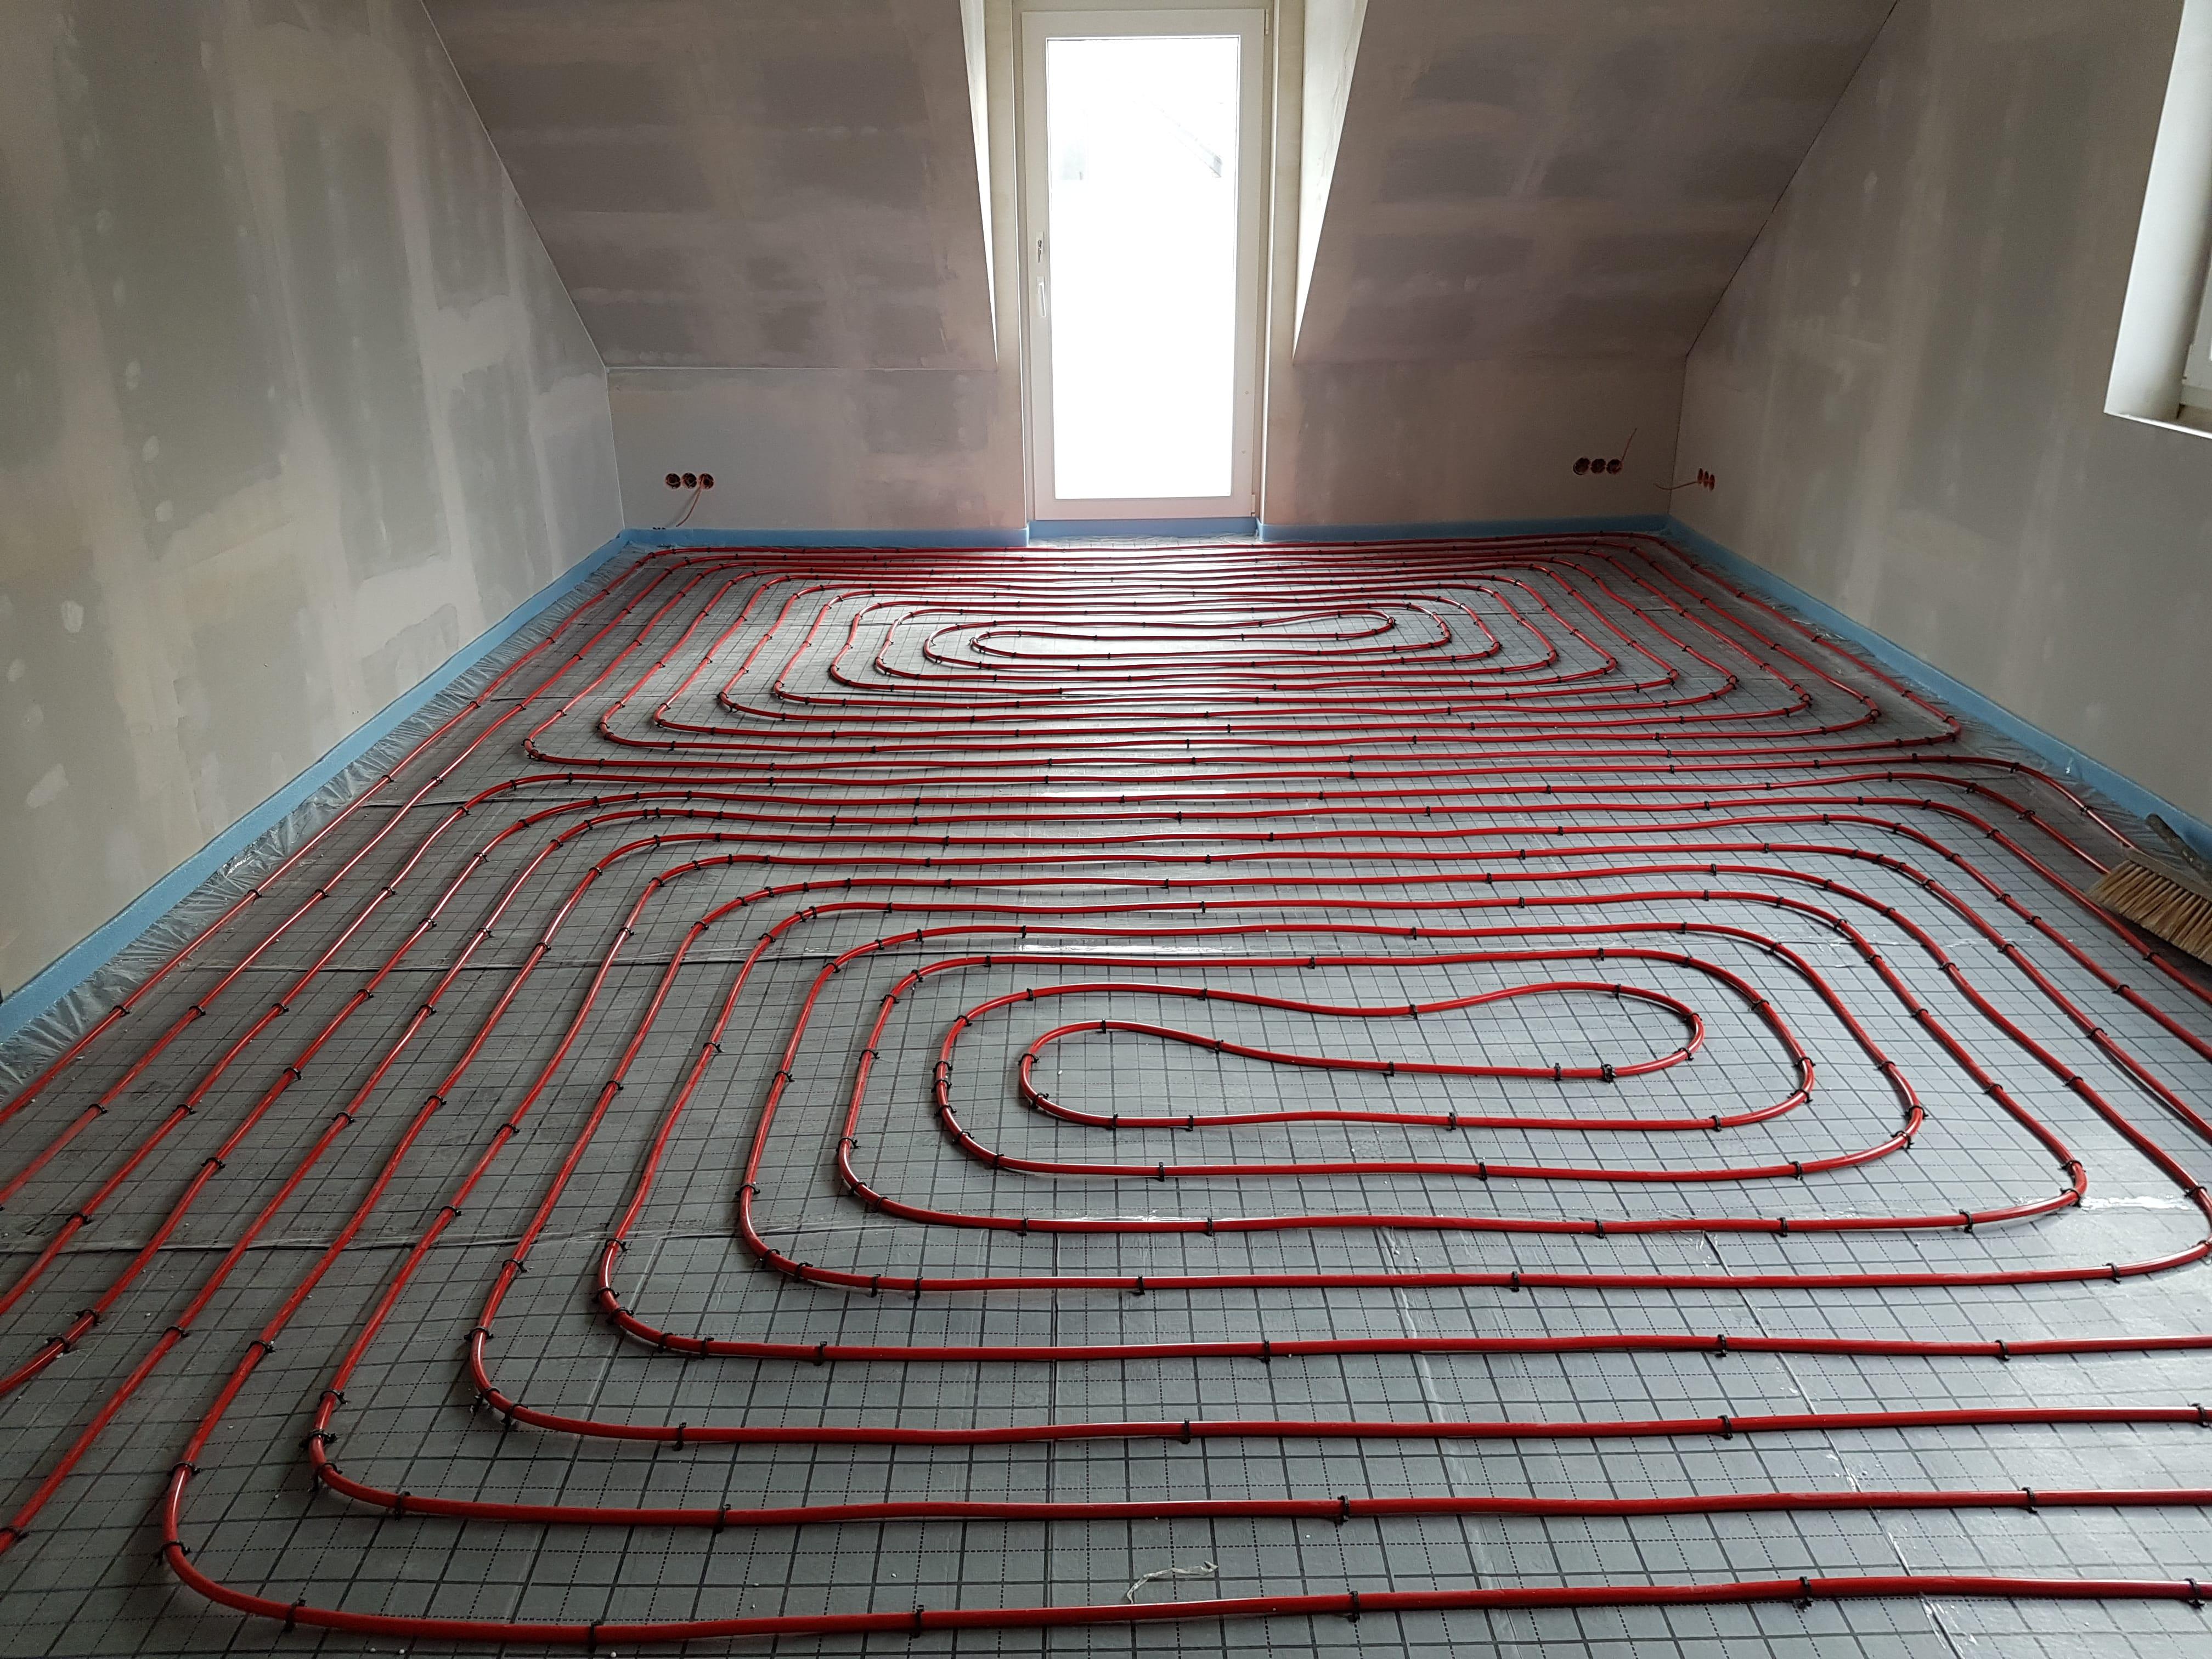 Fußbodenheizung Münster Wärmebodentechnik Brüggemann